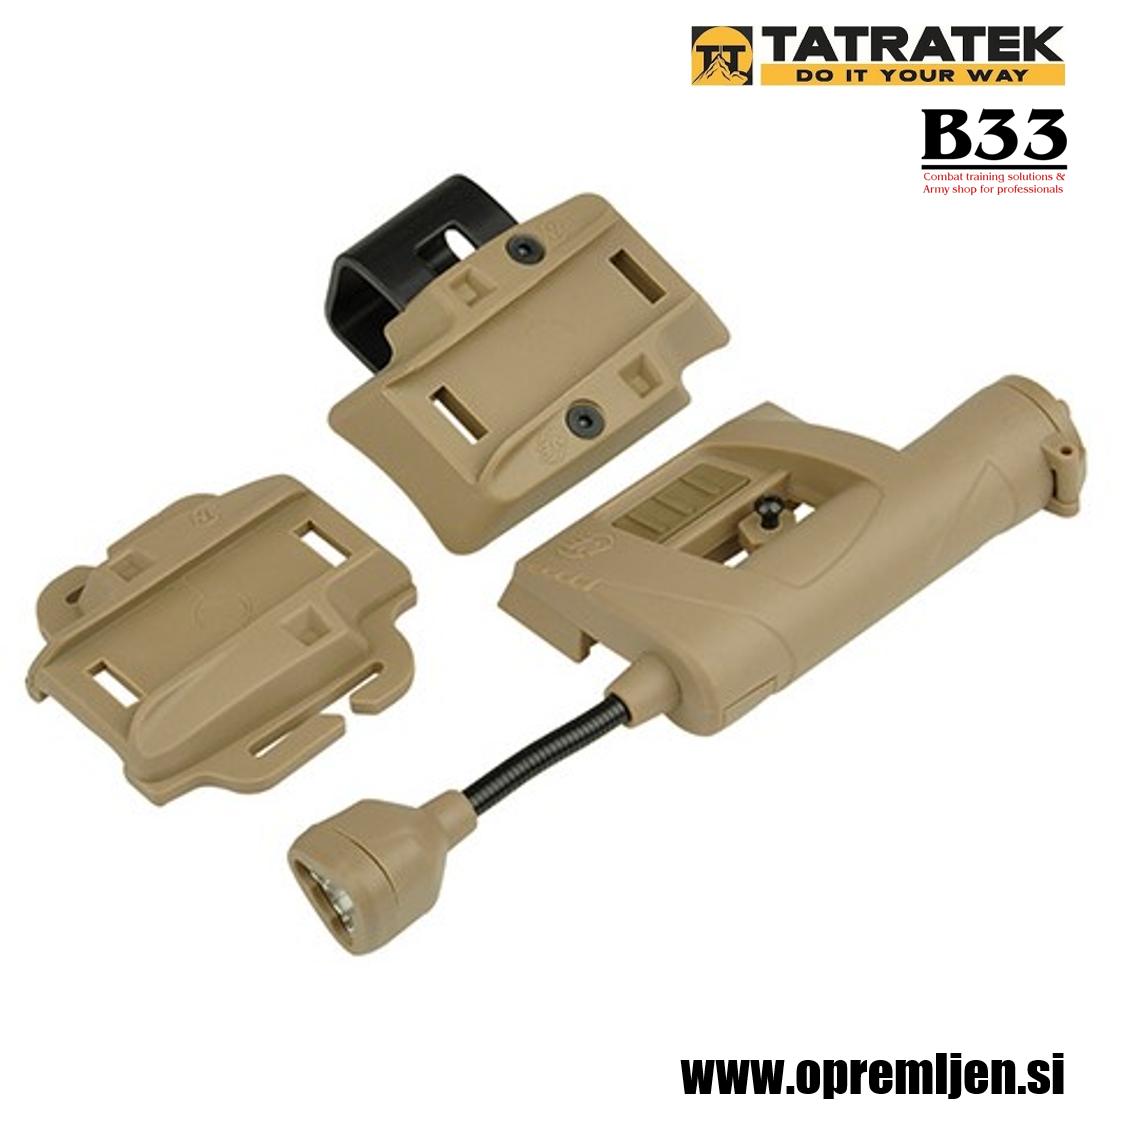 B33 army shop, Tatratek personnel locator beacon (PLB) svetilna naprava za lociranje osebja (coyote ohišje, LED rdeča/zelena/IR , by B33 army shop at www.opremljen.si, trgovina z vojaško opremo, vojaška trgovina